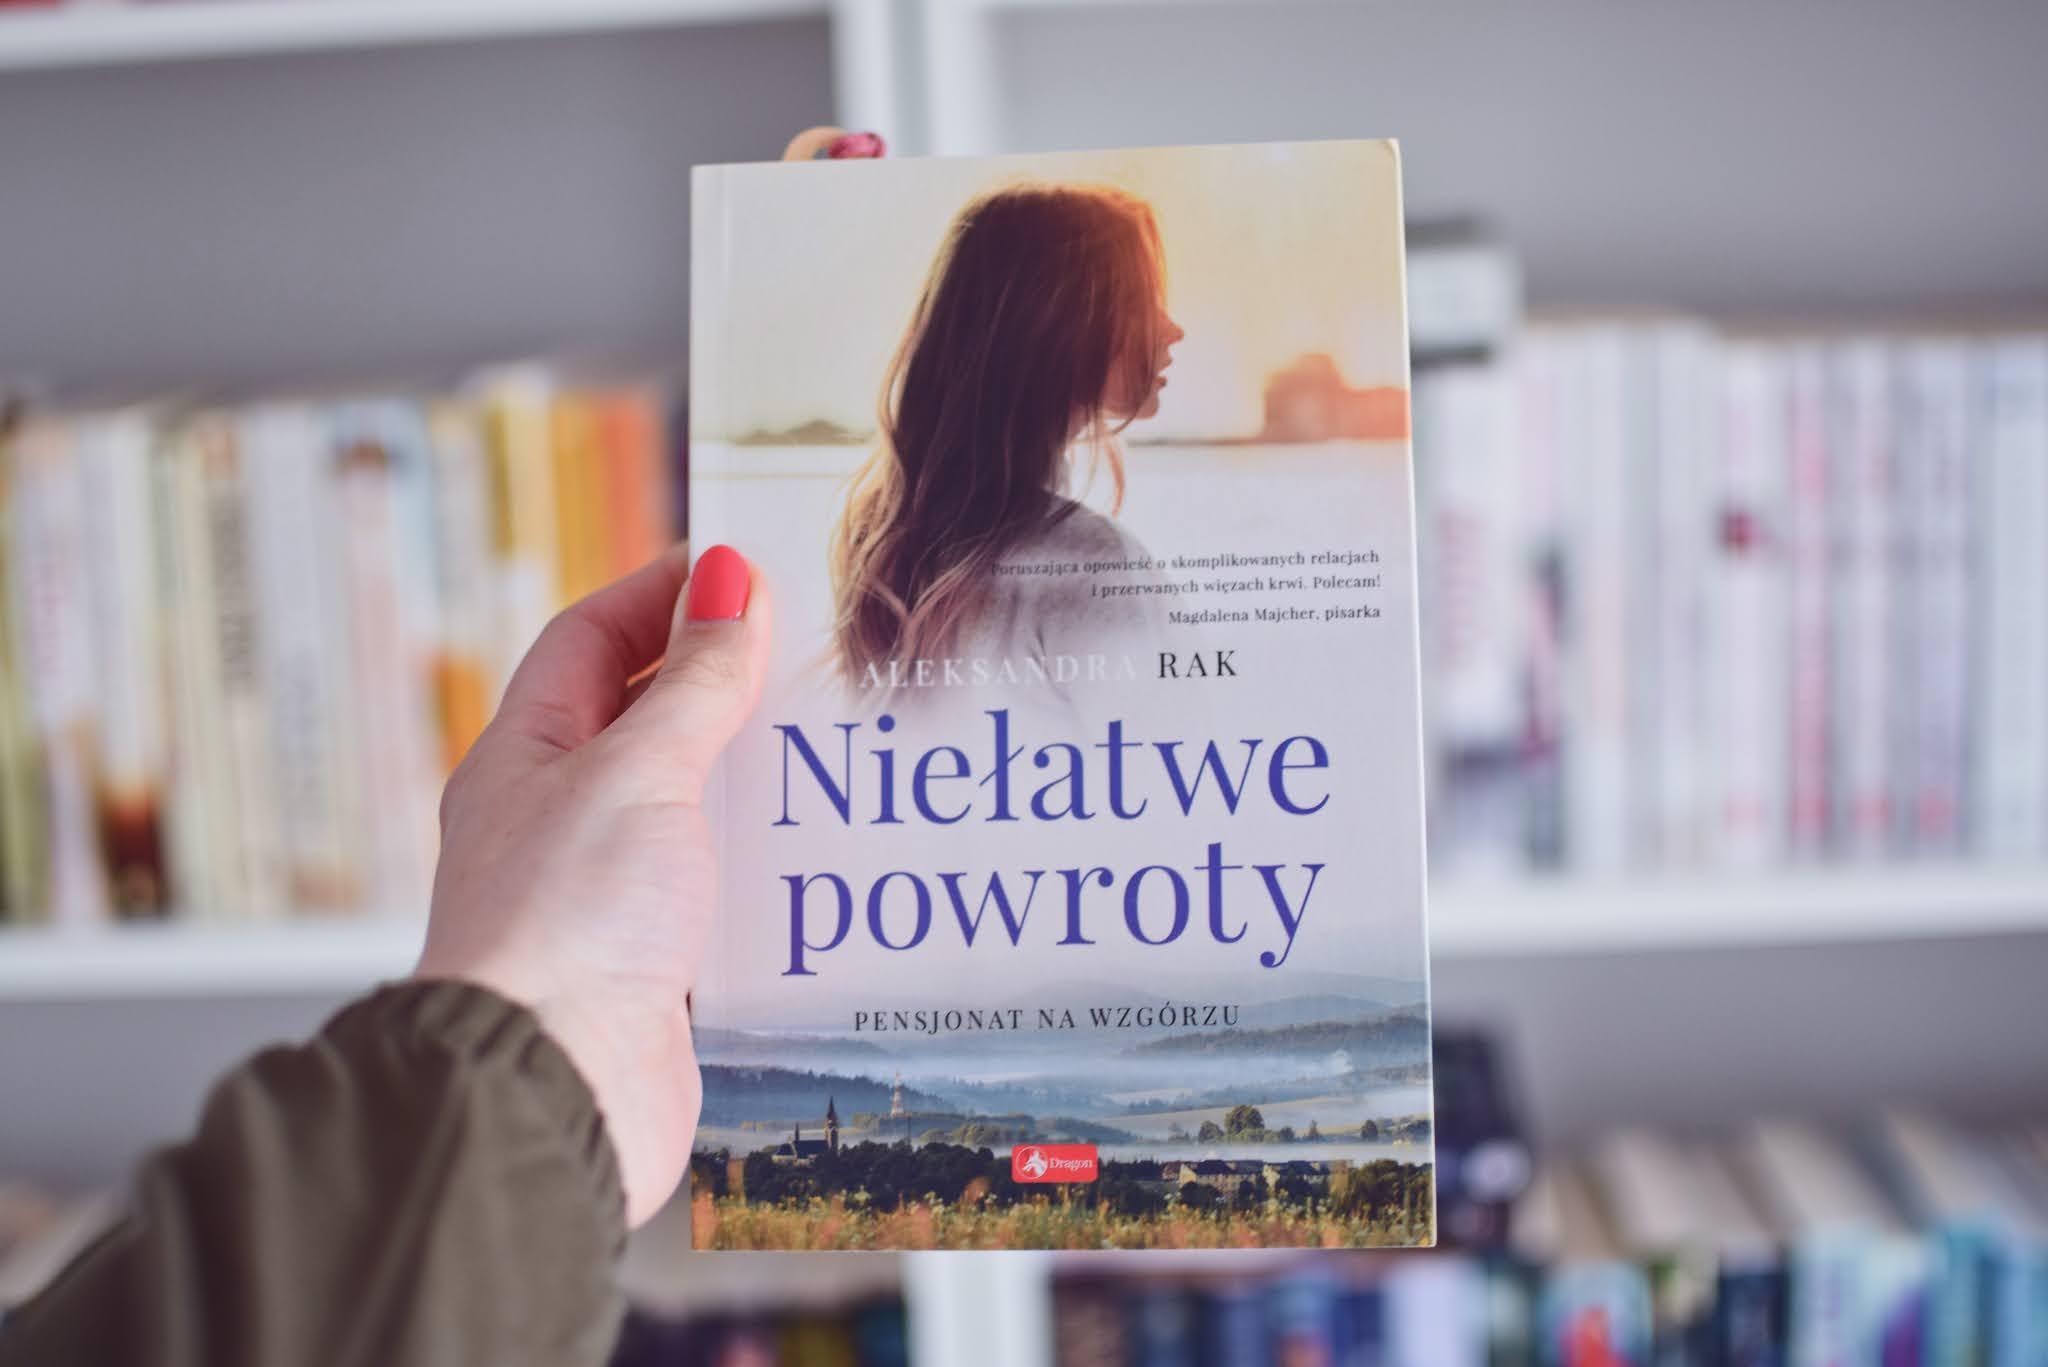 patronat, AleksandraRak, NiełatwePowroty,WydawnictwoDragon,powieśćobyczajowa,siostry,gospodarstwo, pensjonat,opowiadanie,recenzja,PensjonatNaWzgórzu,rodzina,